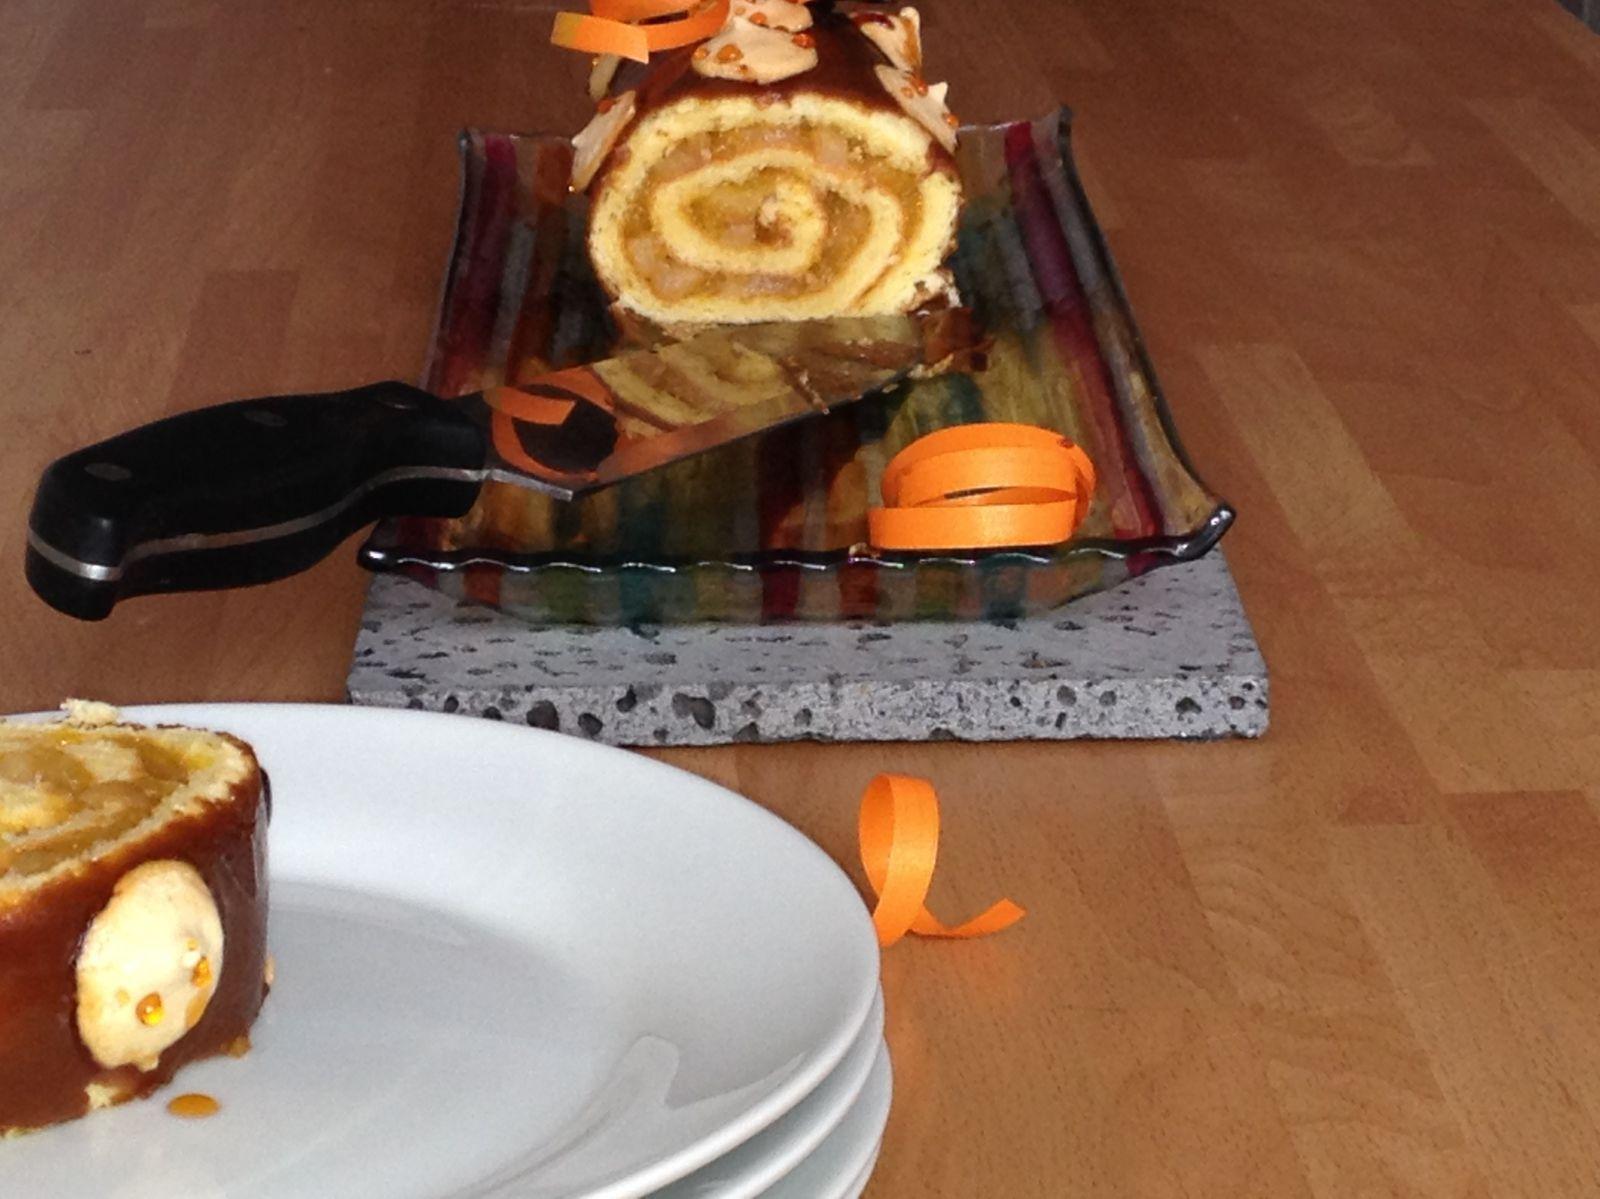 Bûche de Noël, poires rôties à la vanille, confiture de mangue et pâte à spéculos